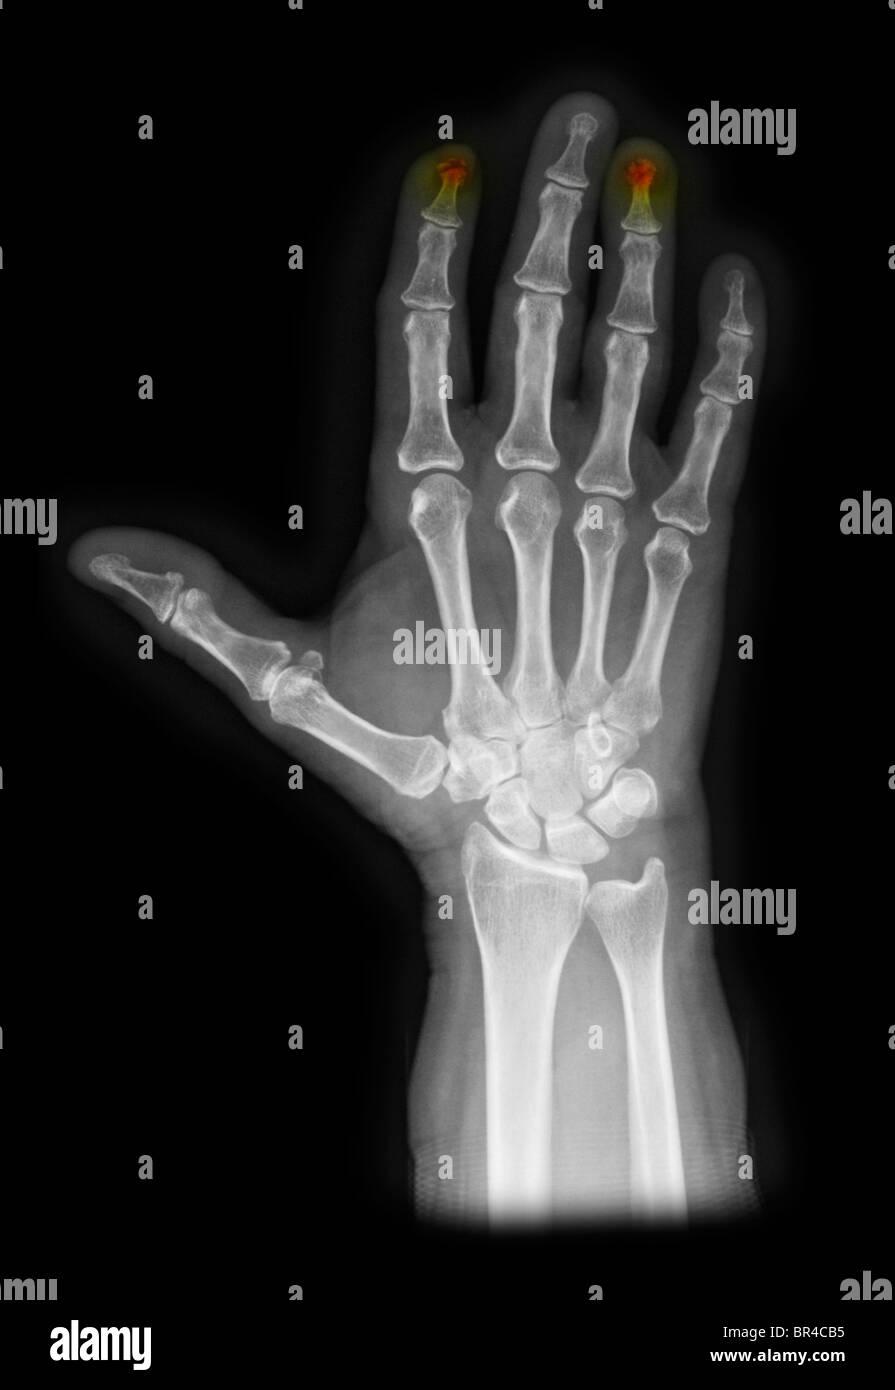 Rntgenbild zeigt zerkleinerte Fingerspitzen der Hand